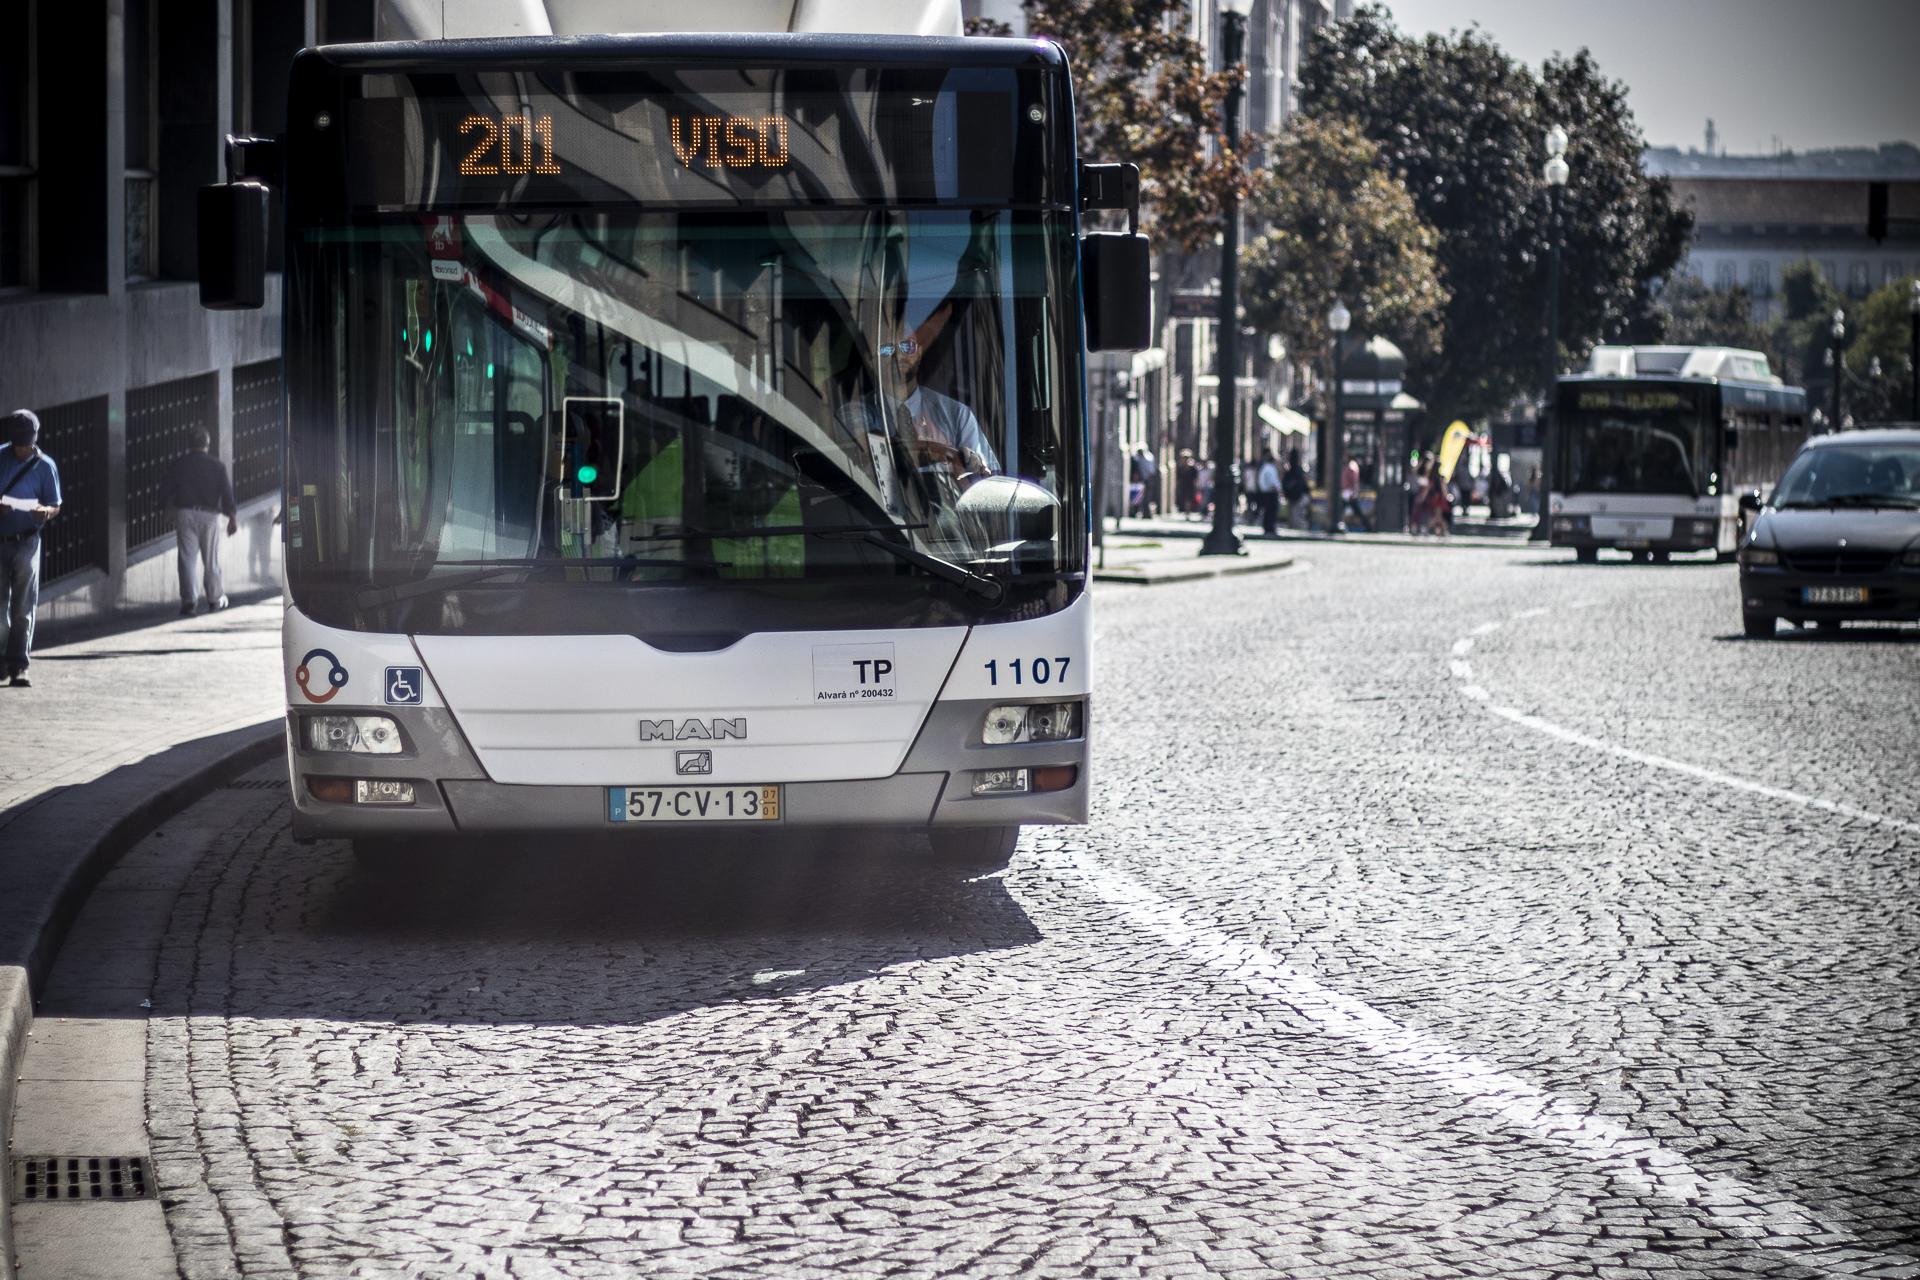 Covid-19: Passe família suspenso no Grande Porto até haver condições de segurança